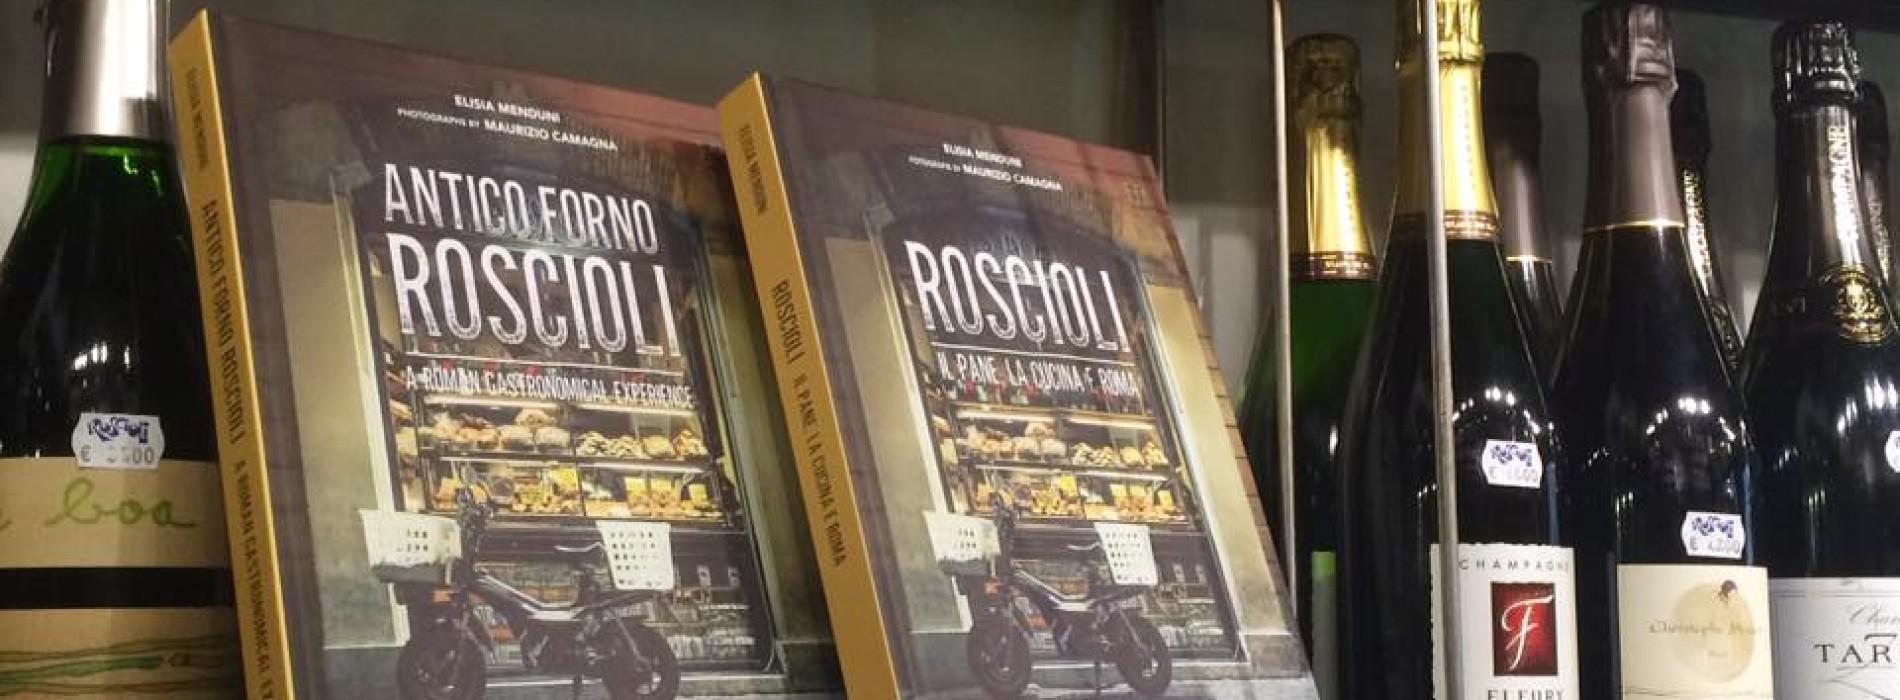 """""""Roscioli il pane la cucina e Roma"""", il libro (voluto da Bonilli) che racconta la storia dell'antico forno"""